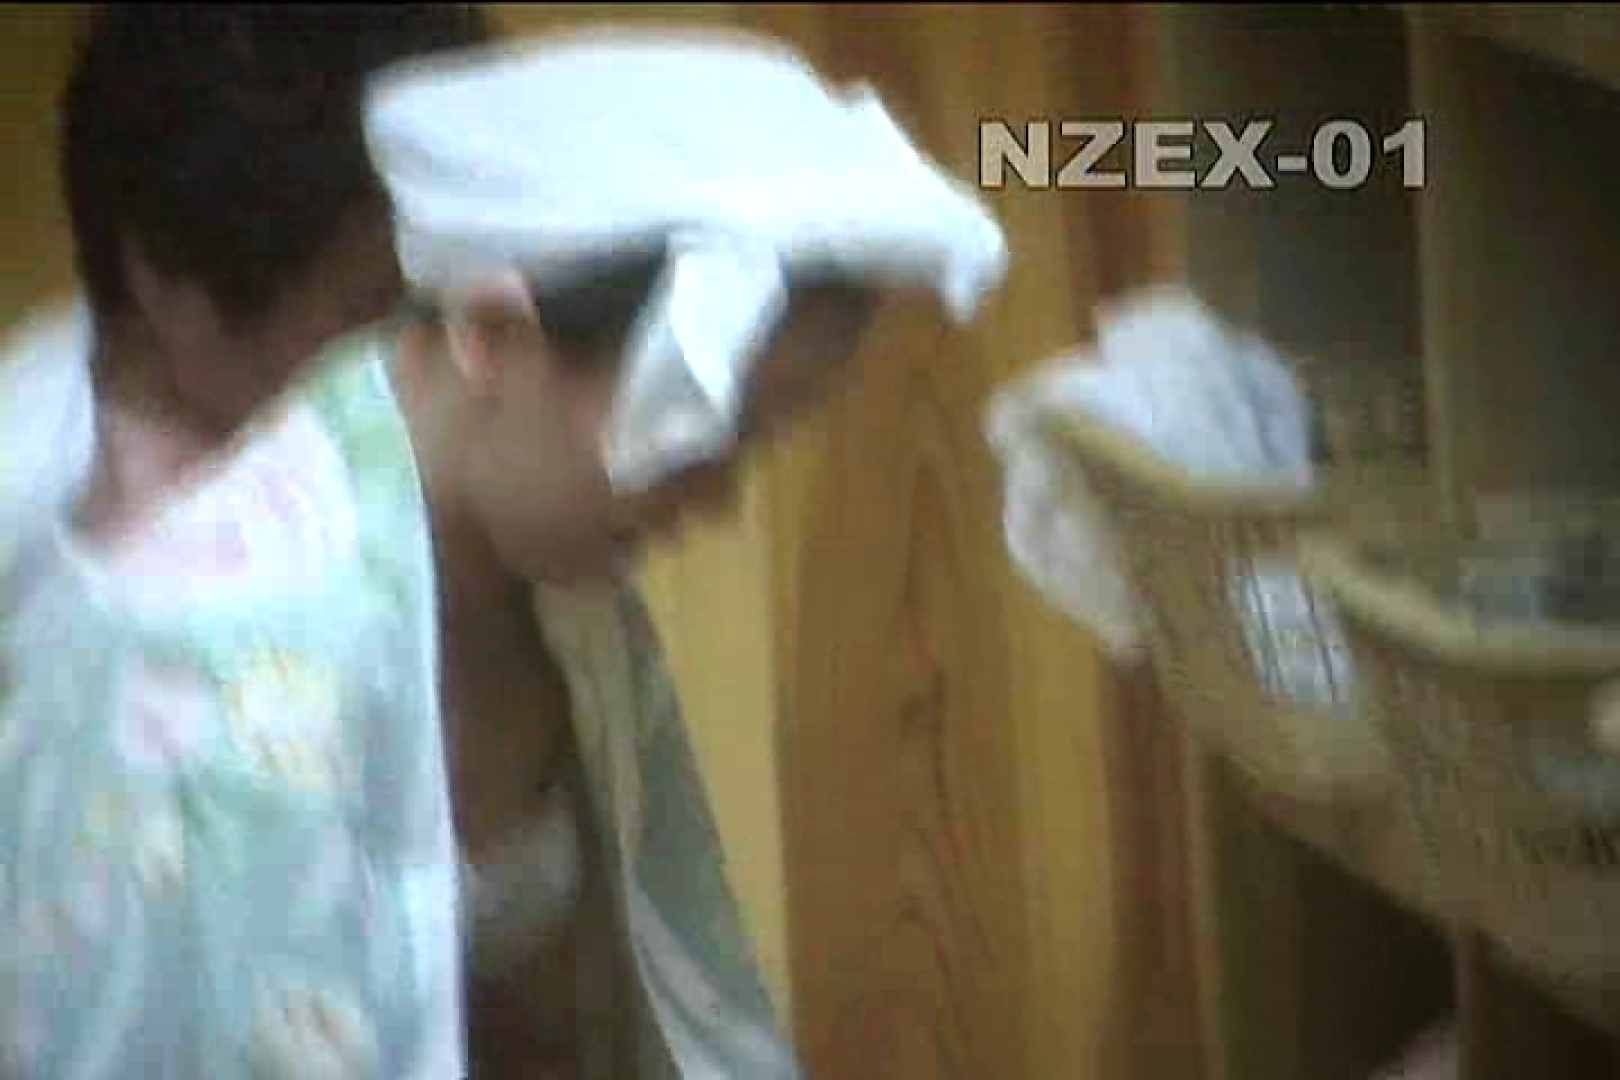 覗き穴 nzex-01_01 覗き   盗撮  90PIX 36